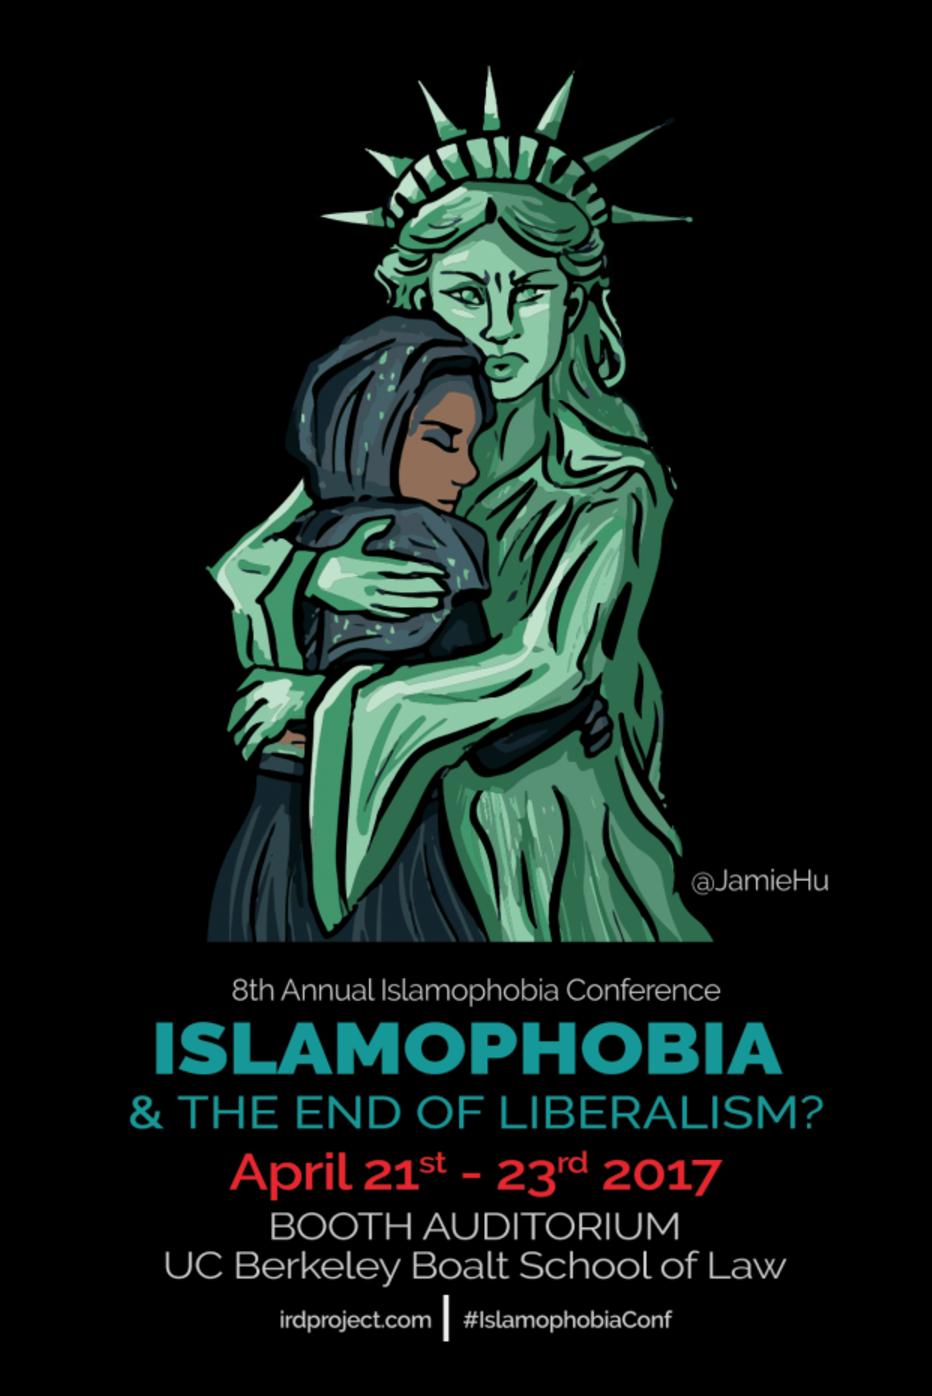 Islamophobia Poster image